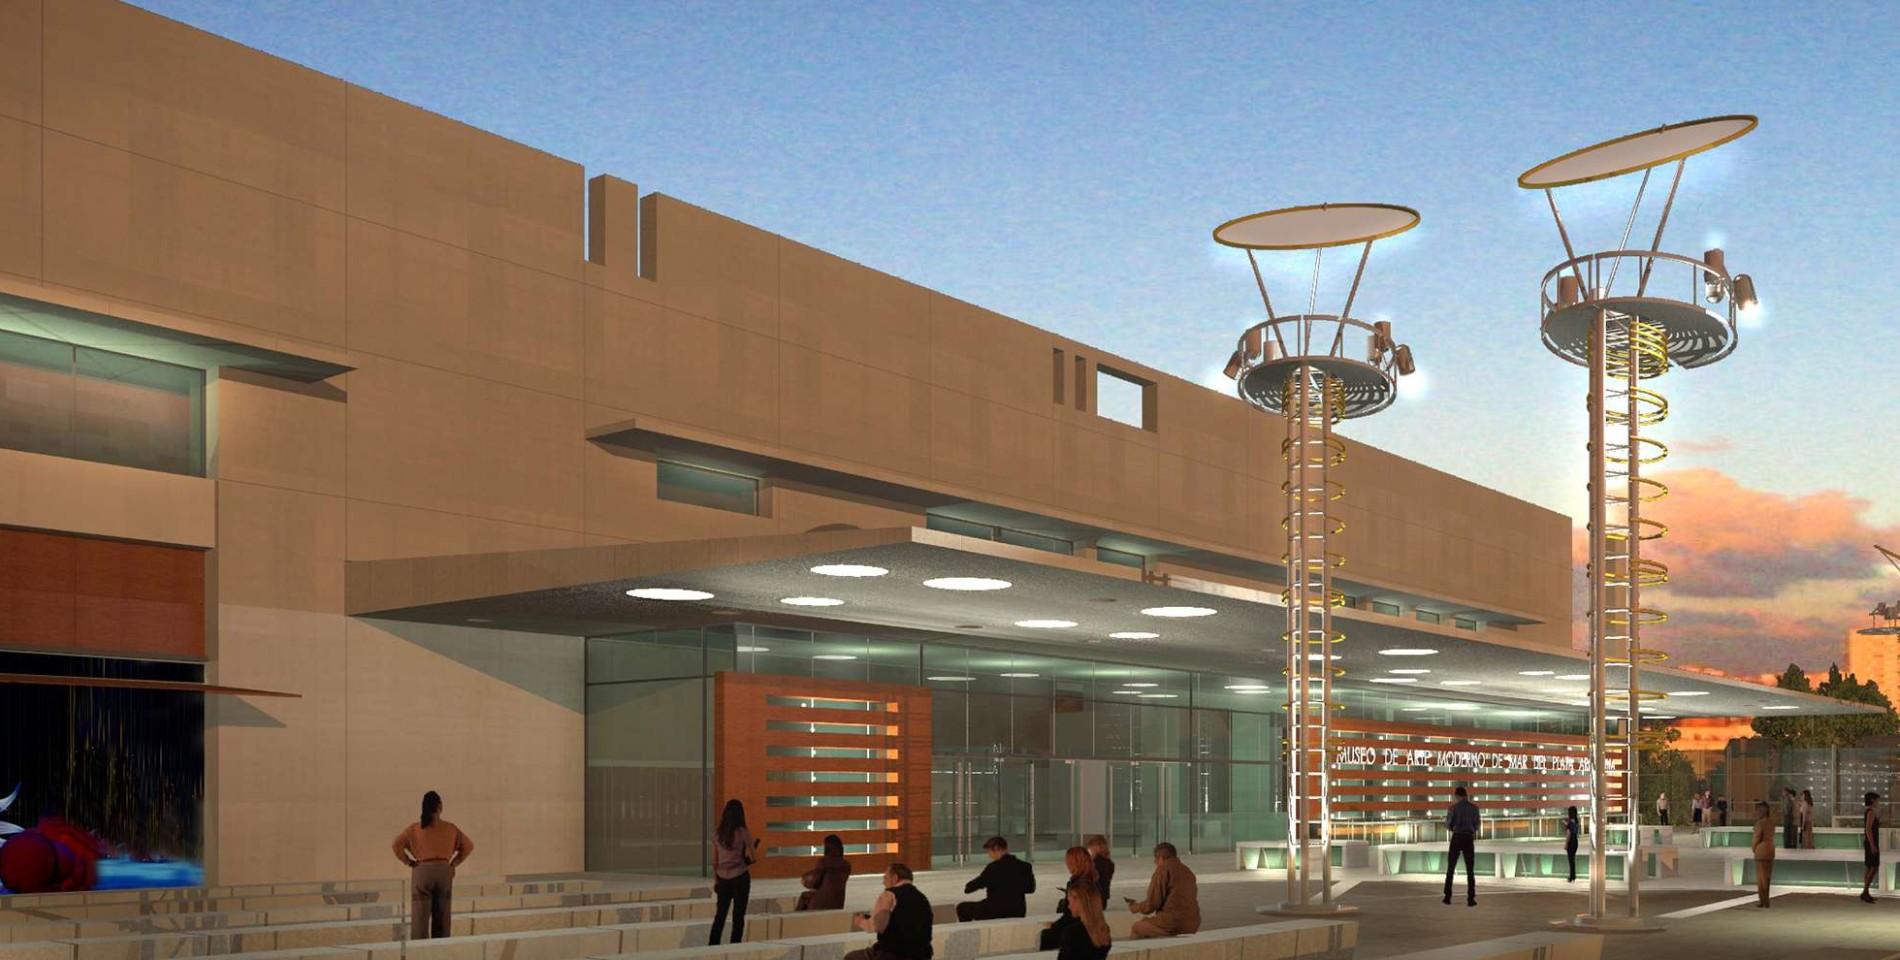 museo-arte-moderno-mar-del-plata-3